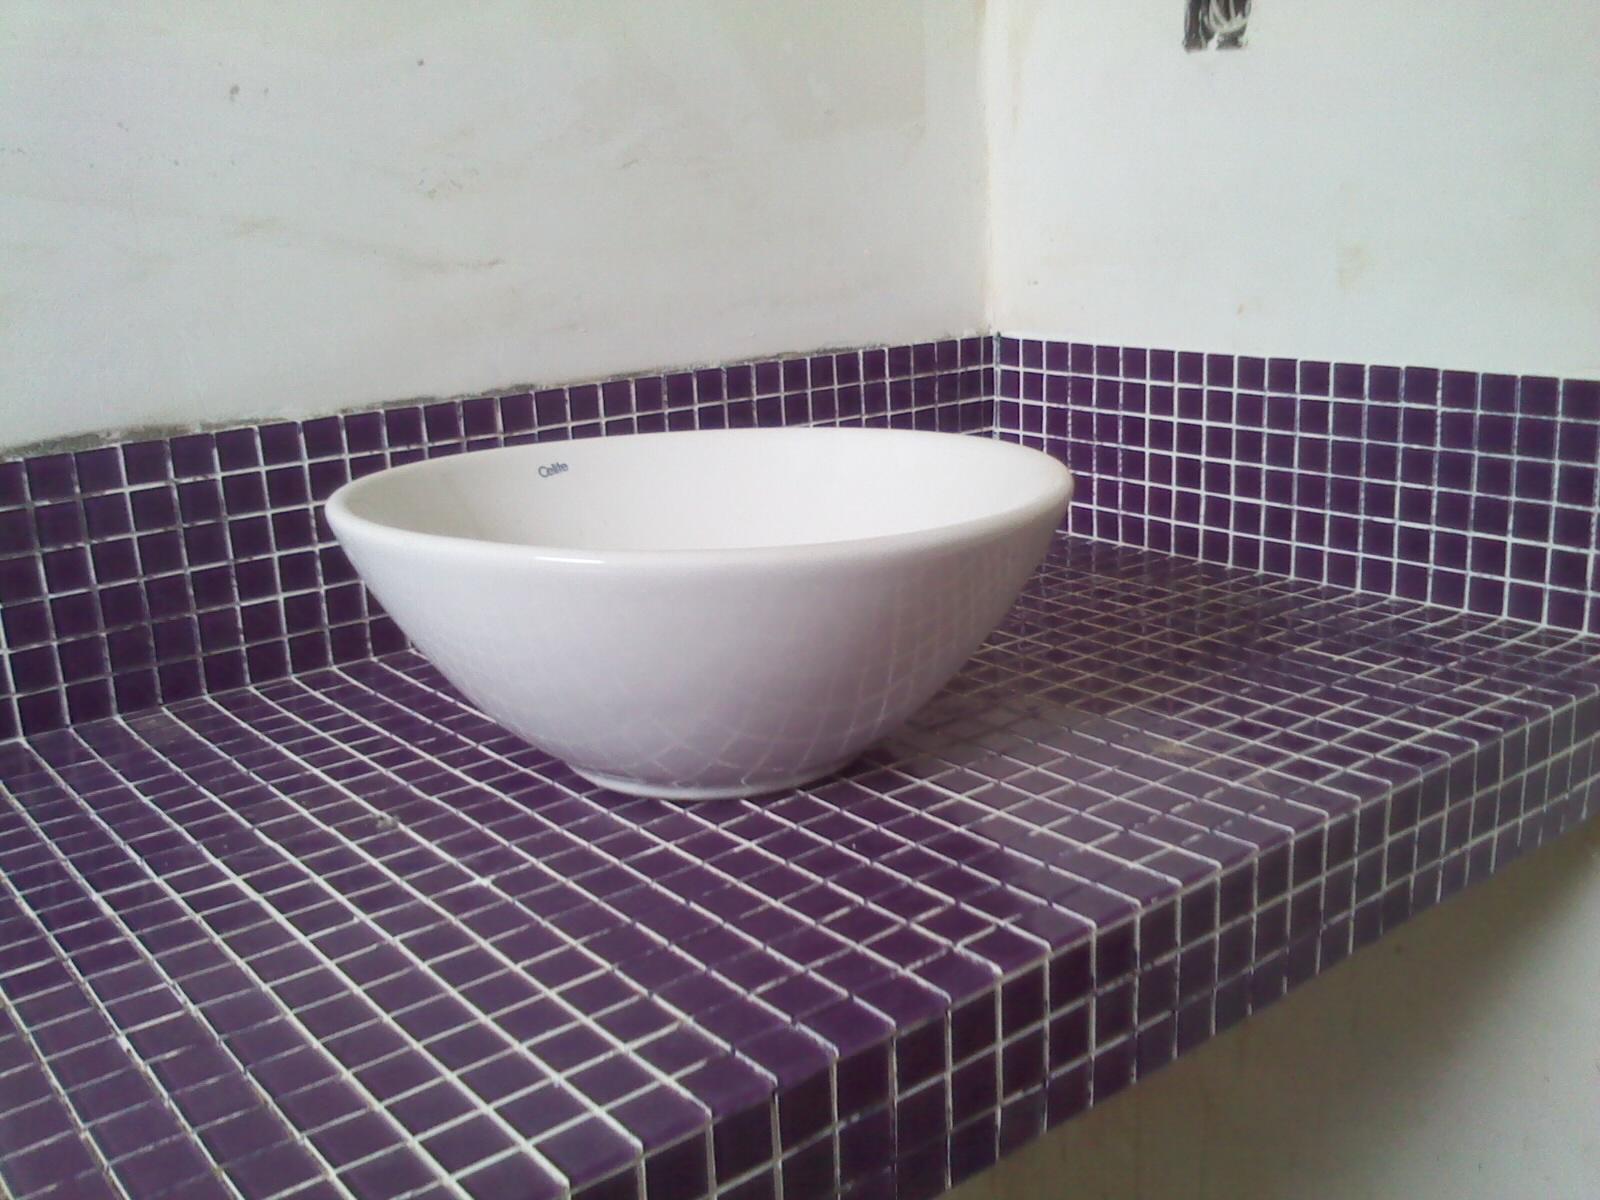 Nosso novo lar !!: Bancada do banheiro pastilha de vidro #504058 1600x1200 Bancada Banheiro De Vidro